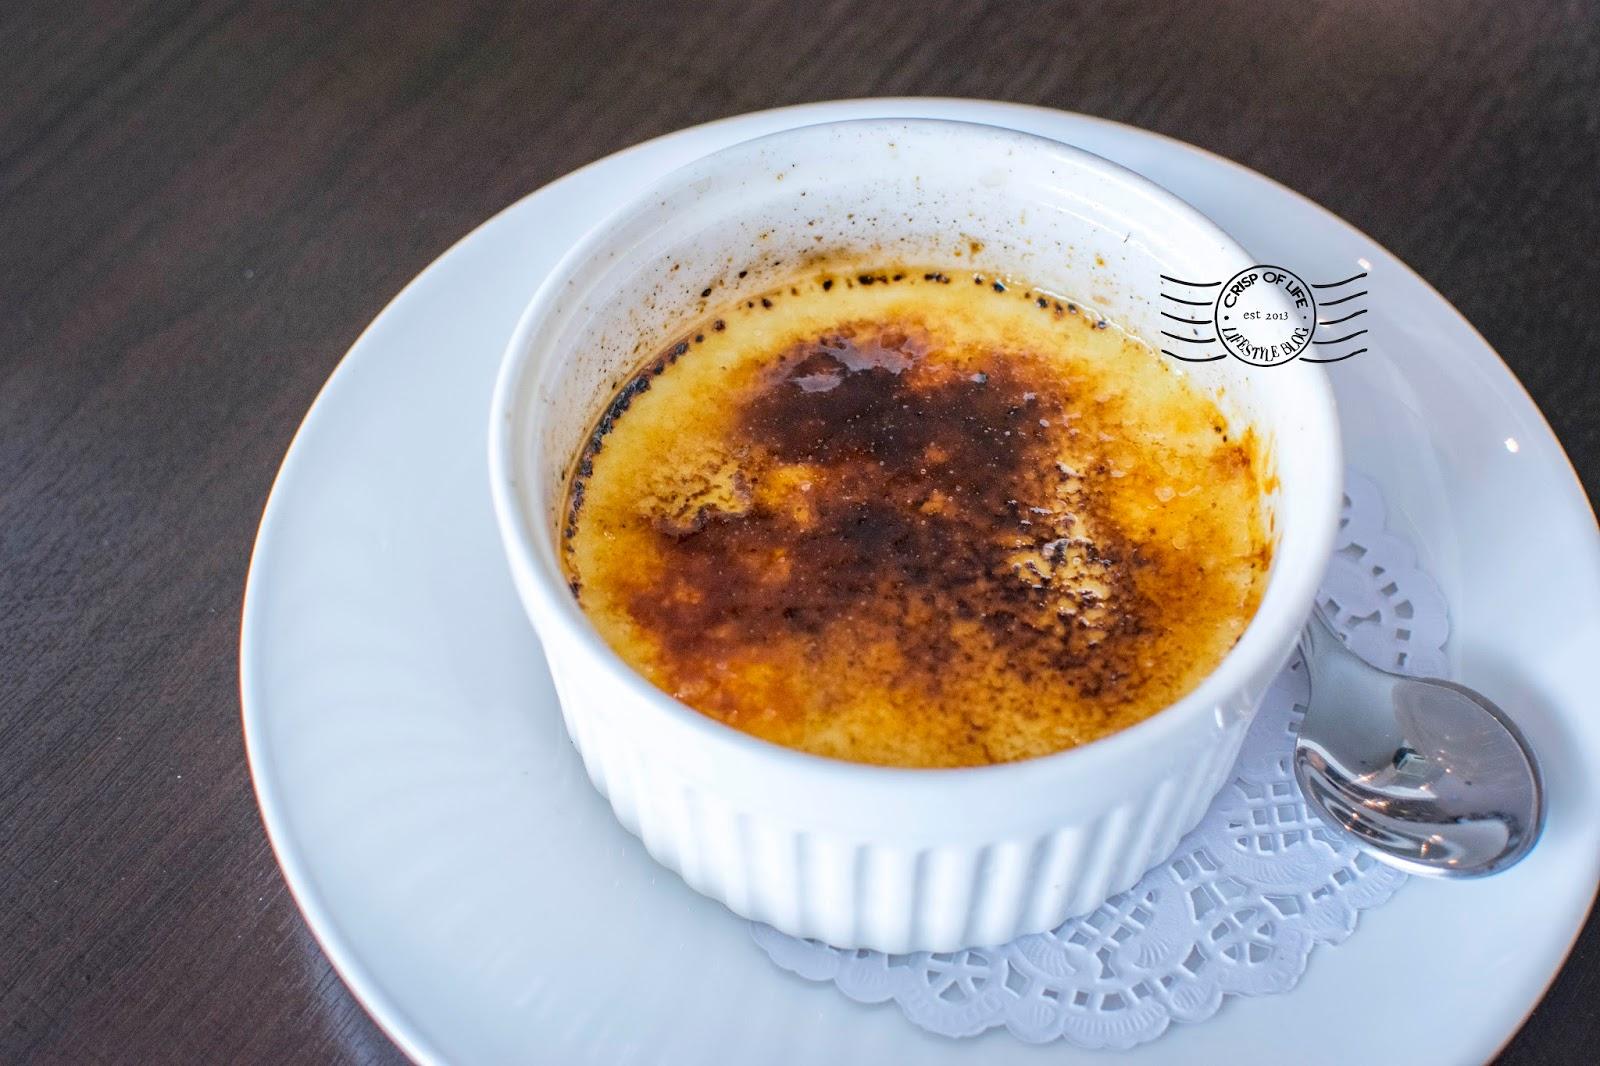 Artichoke Cafe Raja Uda Penang